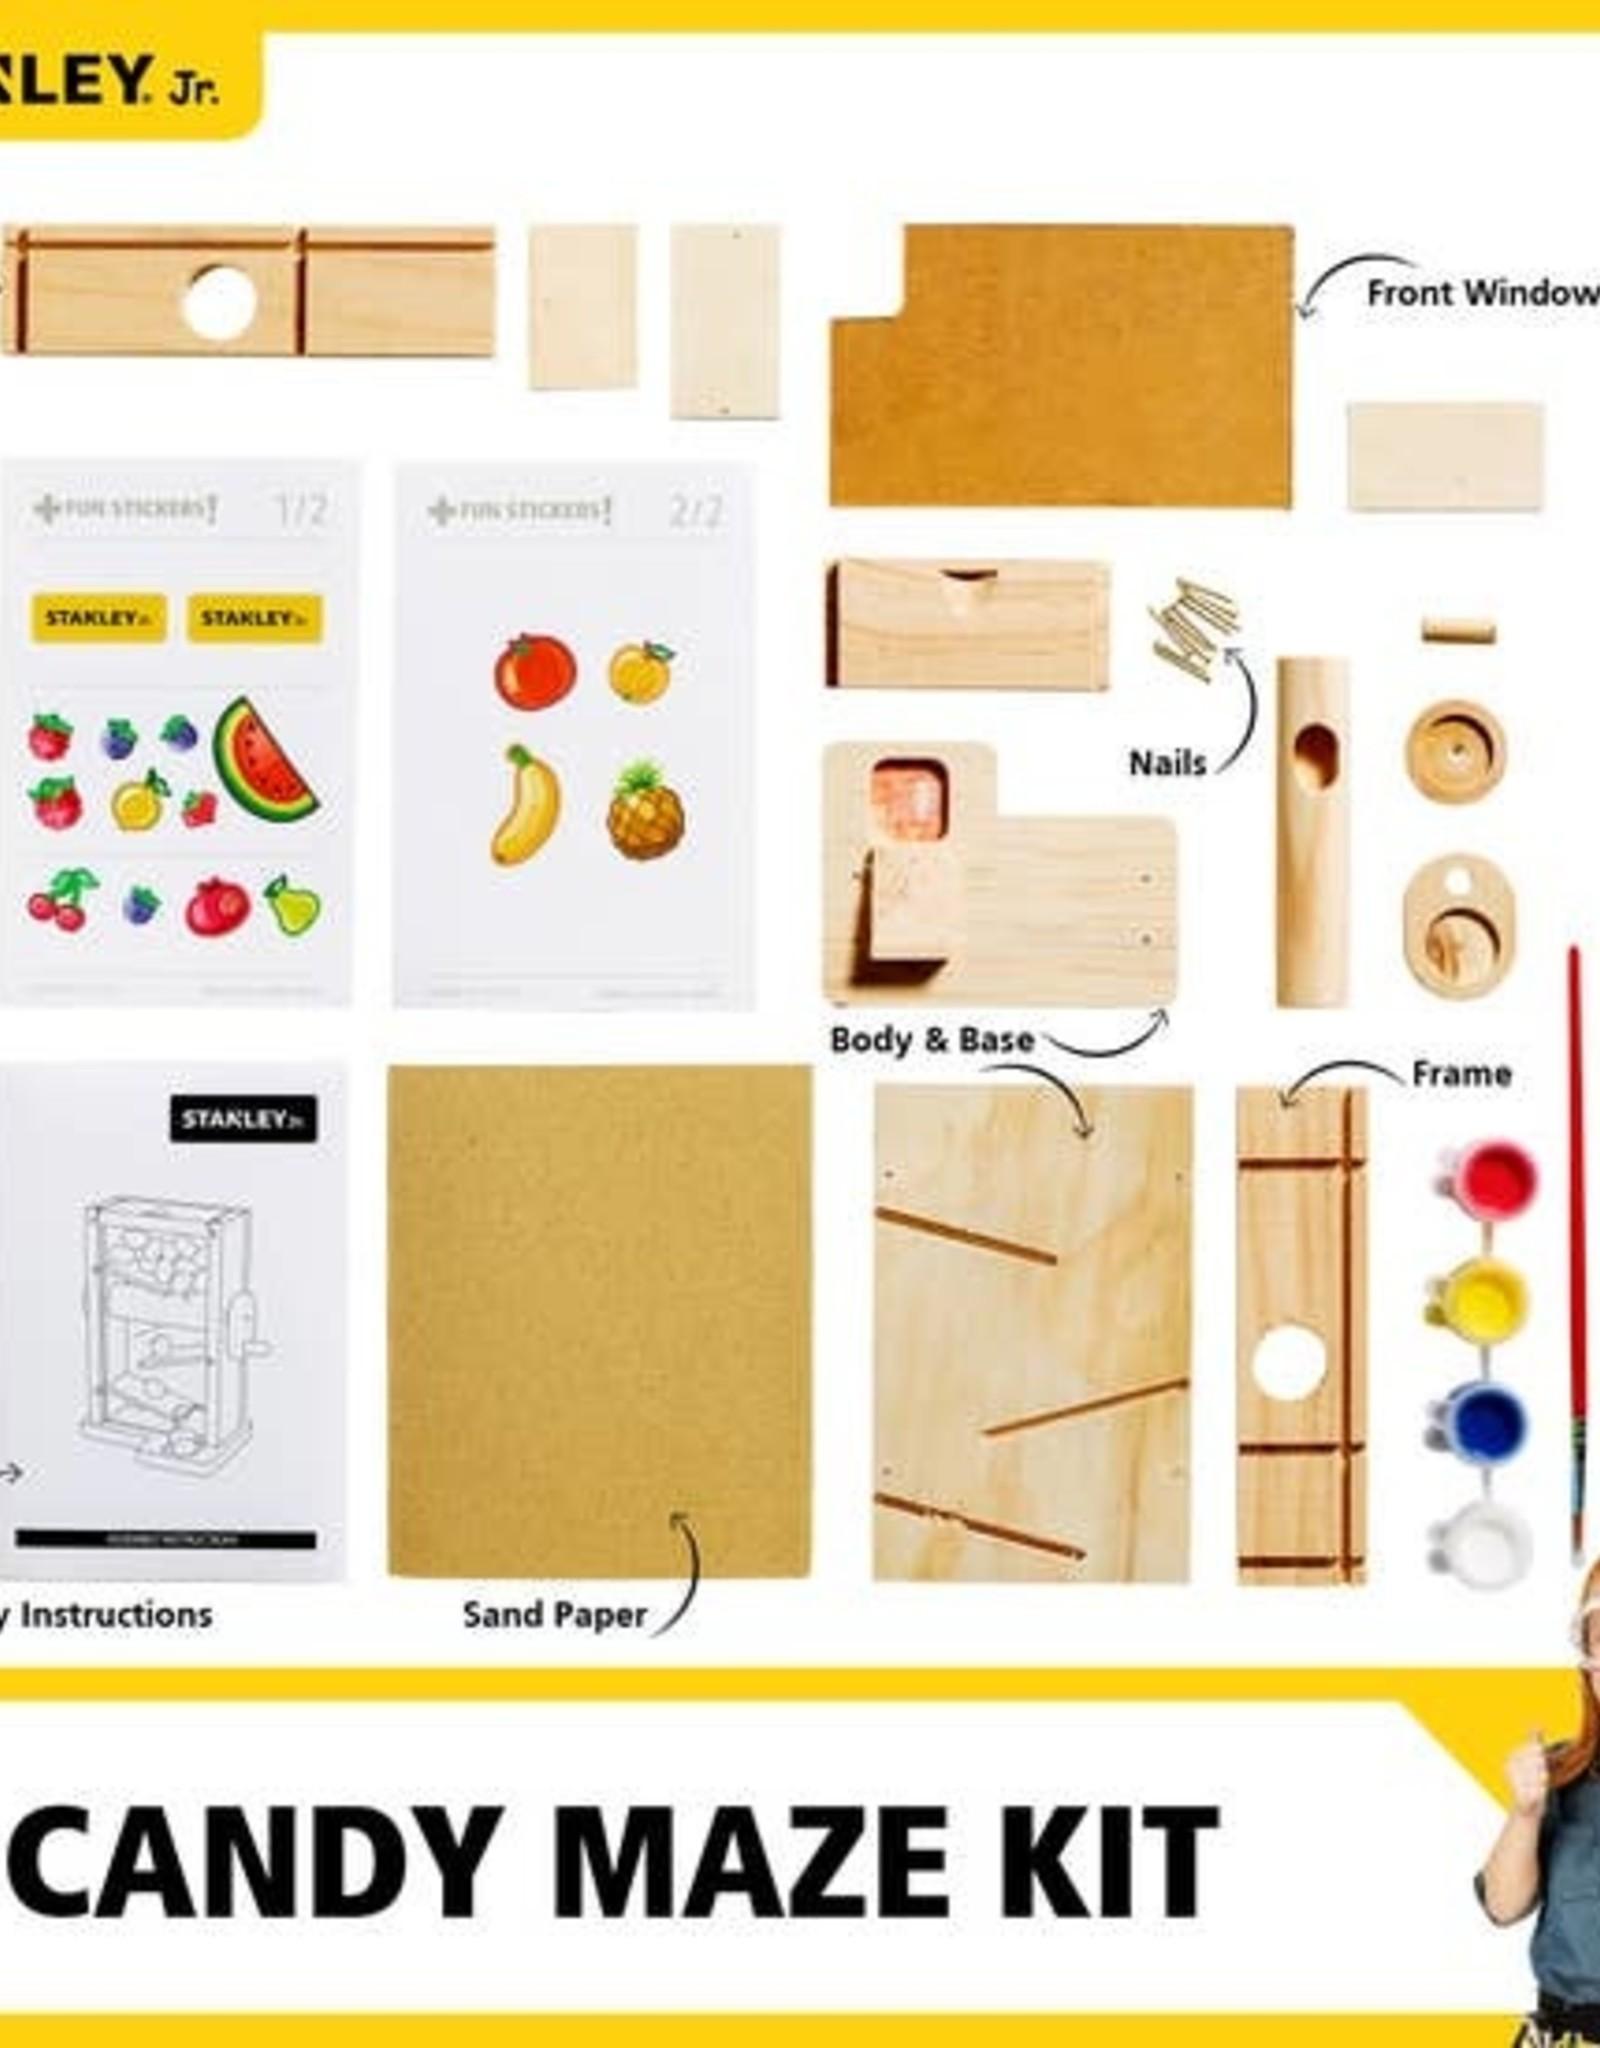 Stanley Jr Candy Maze Kit